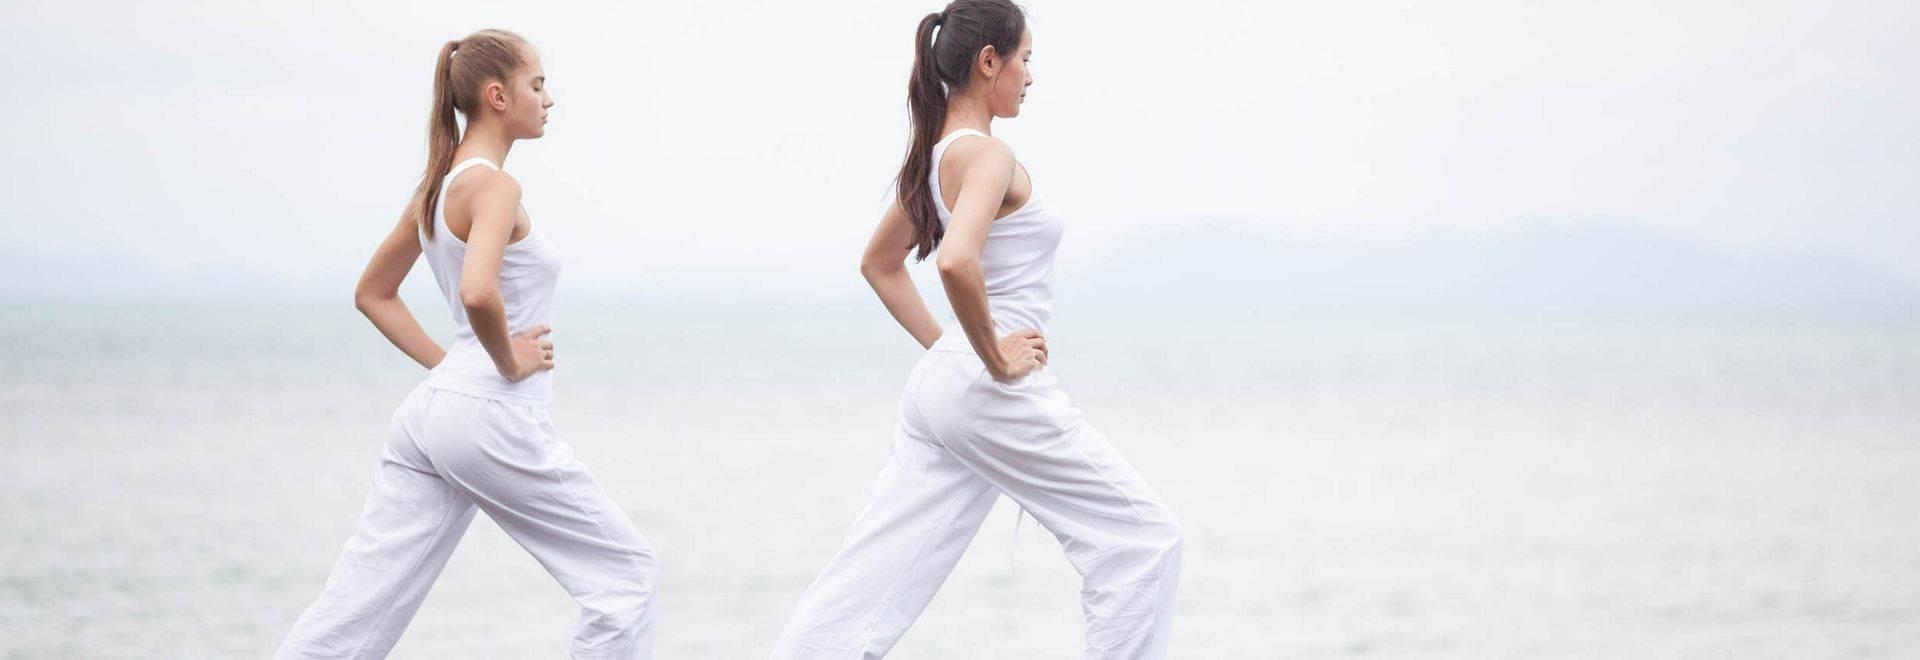 Amatara-yoga.jpg